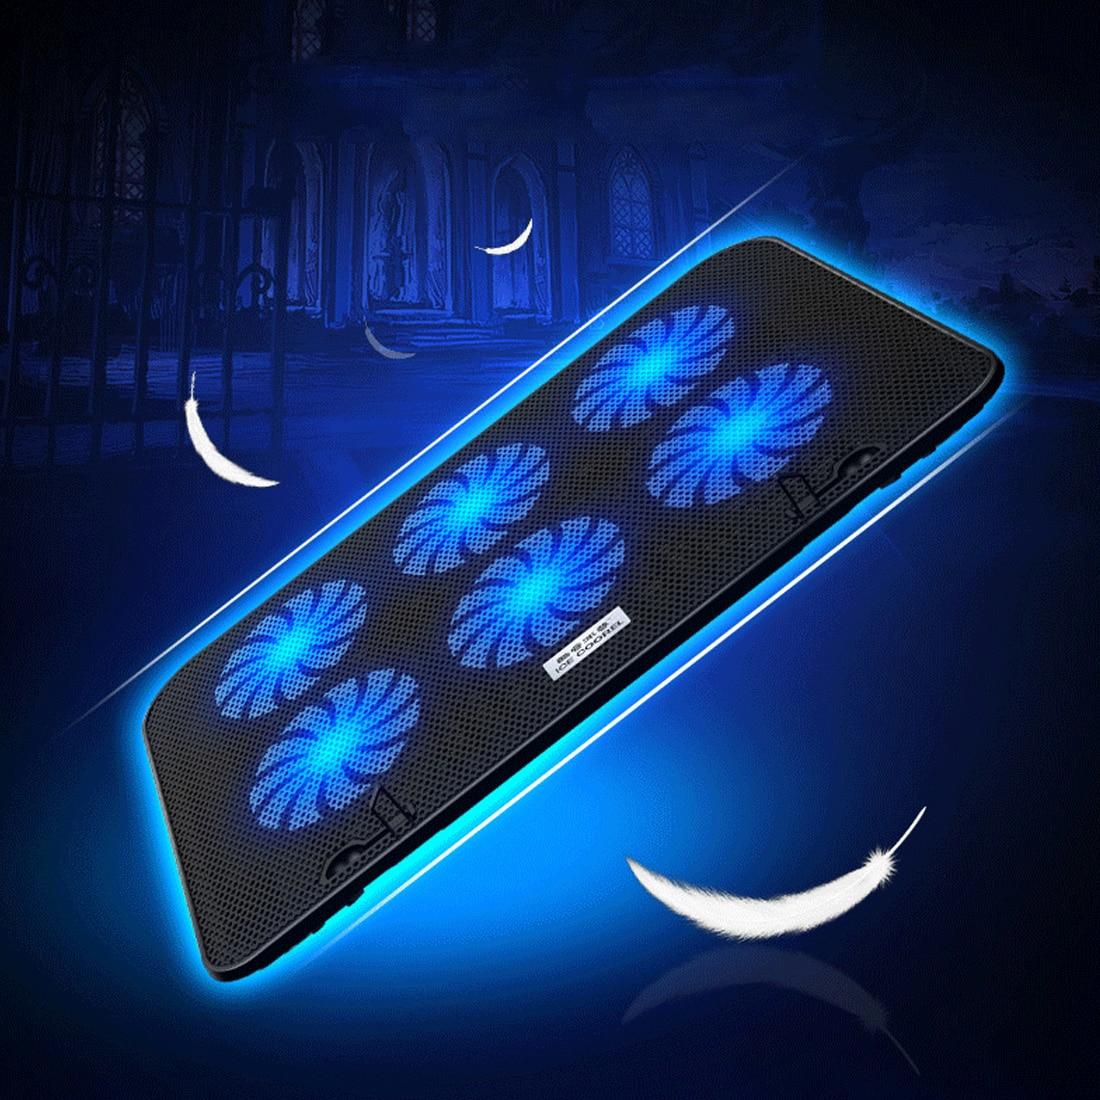 NOYOKERE ordinateur portable tapis de refroidissement LED refroidisseur d'ordinateur portable 14-15.6 pouces 6 ventilateur de refroidissement support plaque muet refroidisseur pour processeur - 5